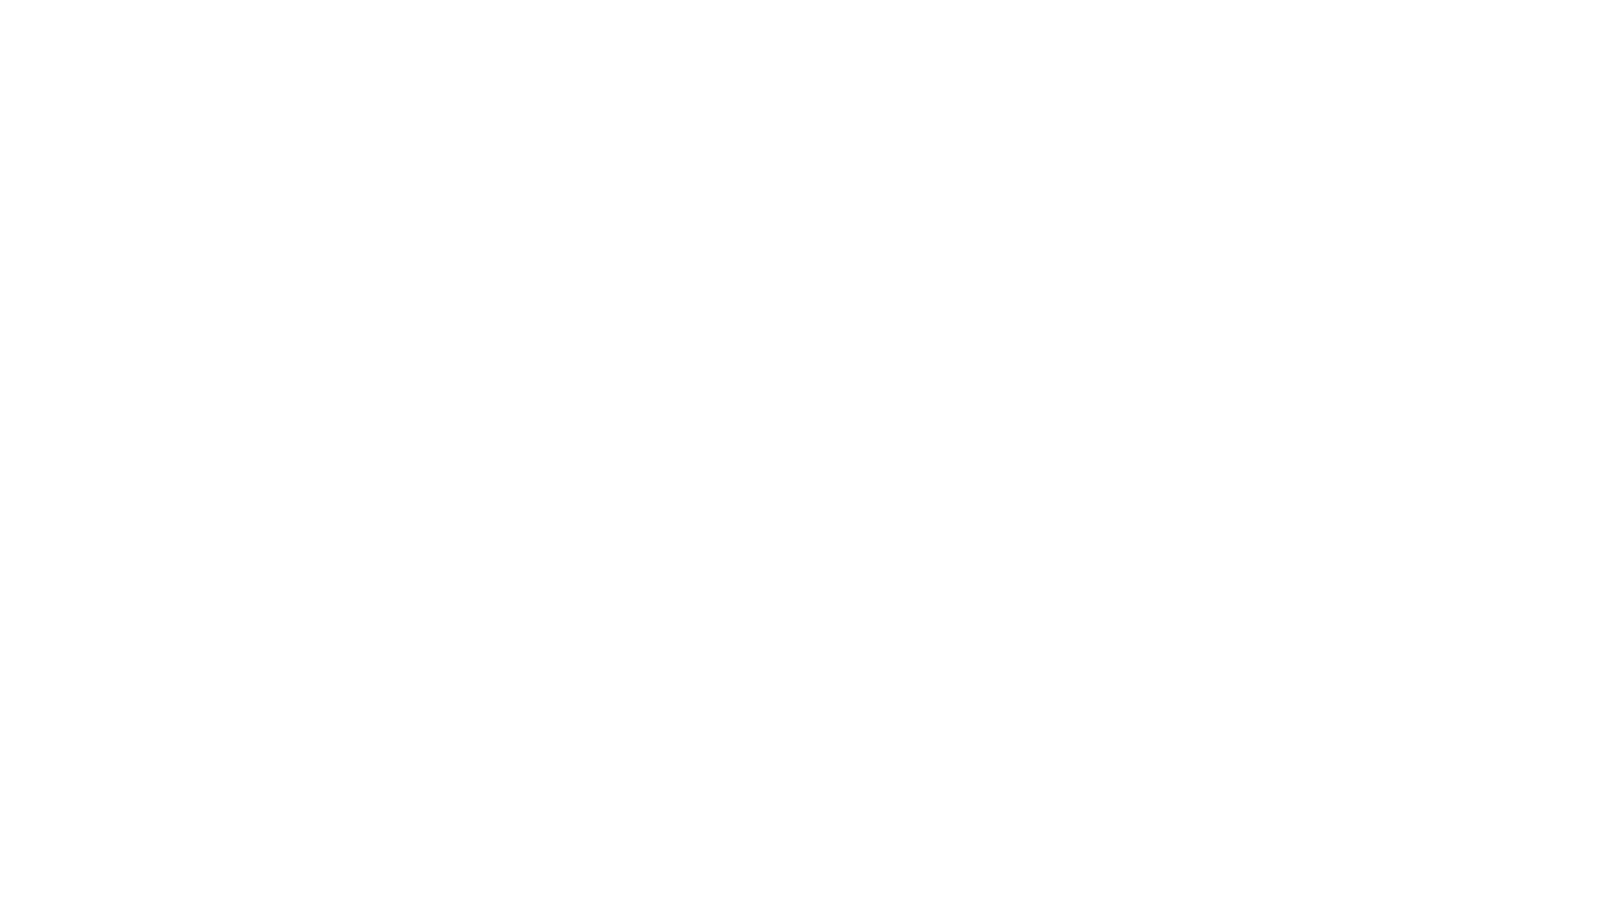 A Agência Espacial Comunicação esteve em Uberlândia-MG para gravar mais um episódio do programa Mundo dos Negócios. Desta vez na Algar Telecom, empresa brasileira de telecomunicações que está presente em mais de 350 cidades.  A Agência Espacial Comunicação é a produtora responsável pelo programa Mundo dos Negócios, que vai ao ar todo sábado de manhã, às 10h45, na TV Band Minas.  Inscreva-se no canal oficial do Mundo dos Negócios: http://youtube.com/watch?v=FWuT3qw_V9M